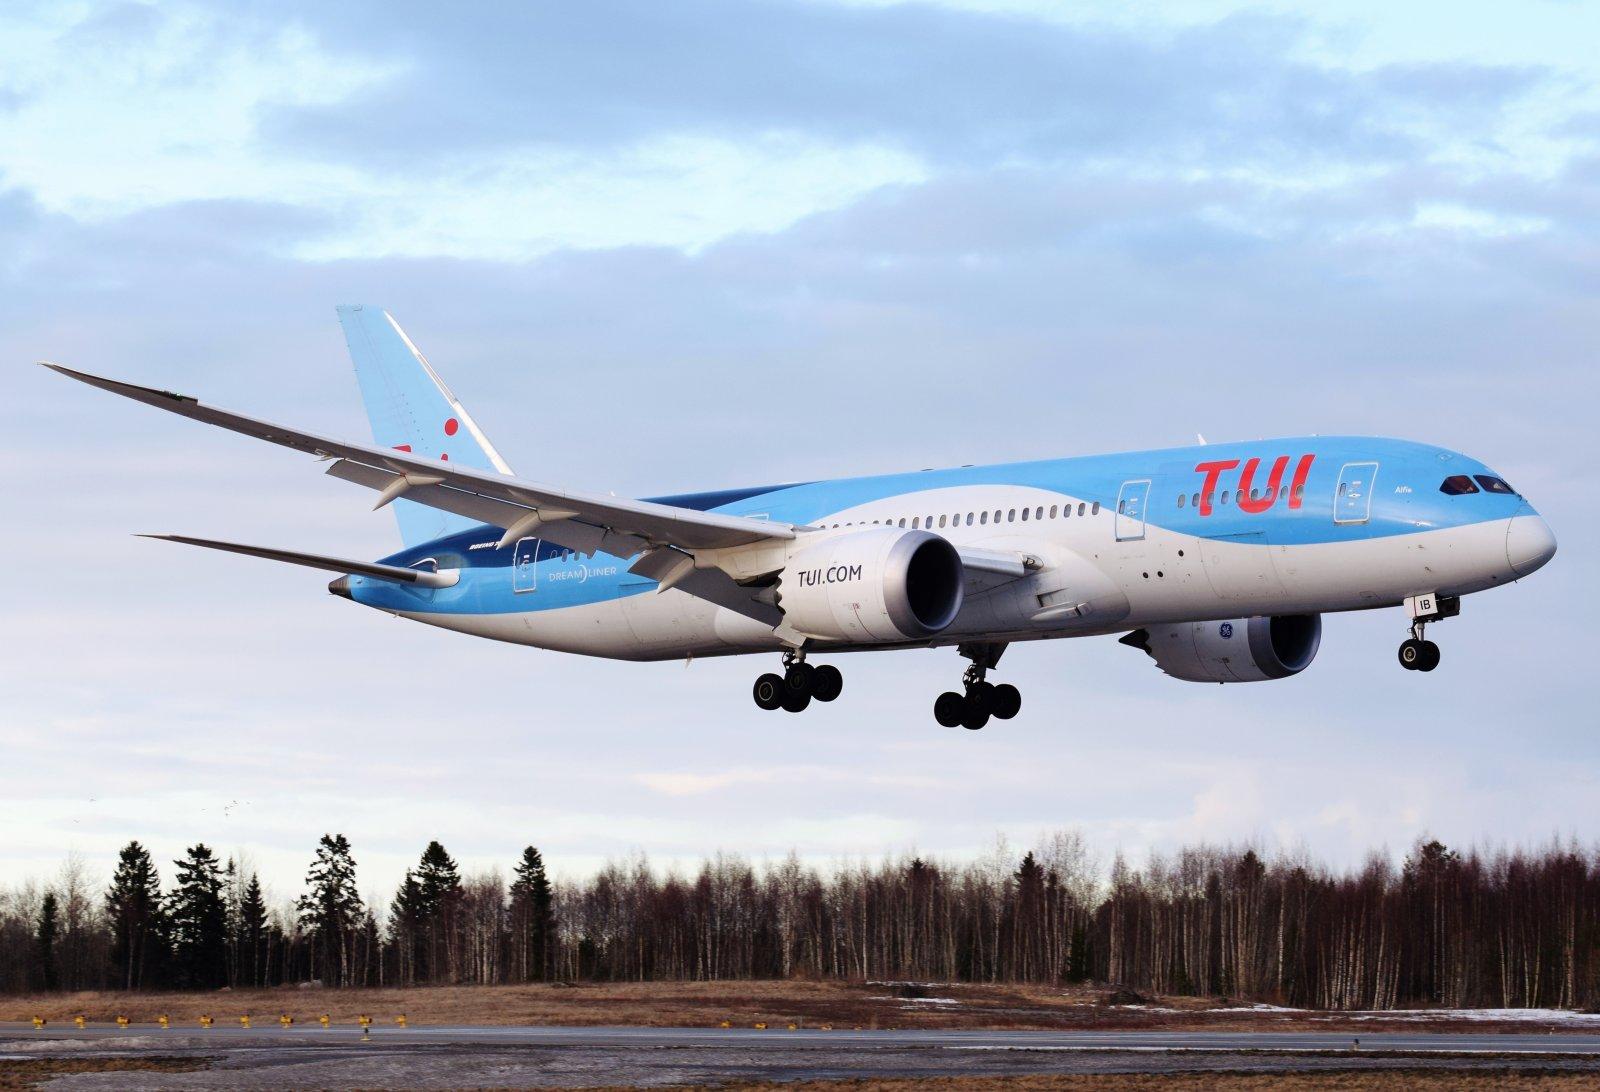 G-TUIB - Boeing 787-8 - 27.3.2019